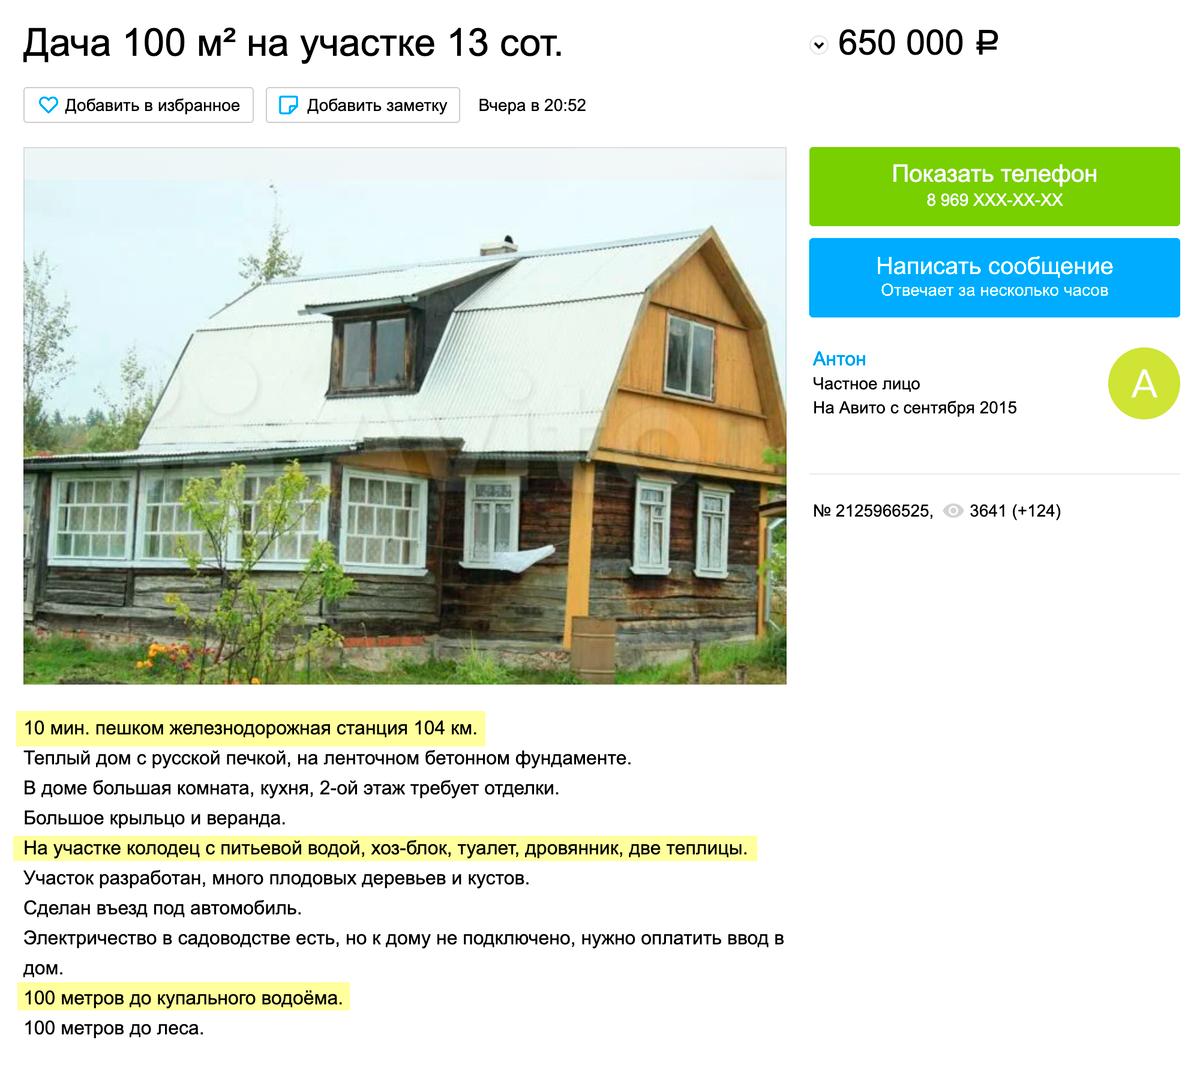 Большой дом и участок в Радофинникове по Московской трассе. Судя по фото, дом крепкий. Рядом станция, есть огород и водоем, цена тоже устраивает